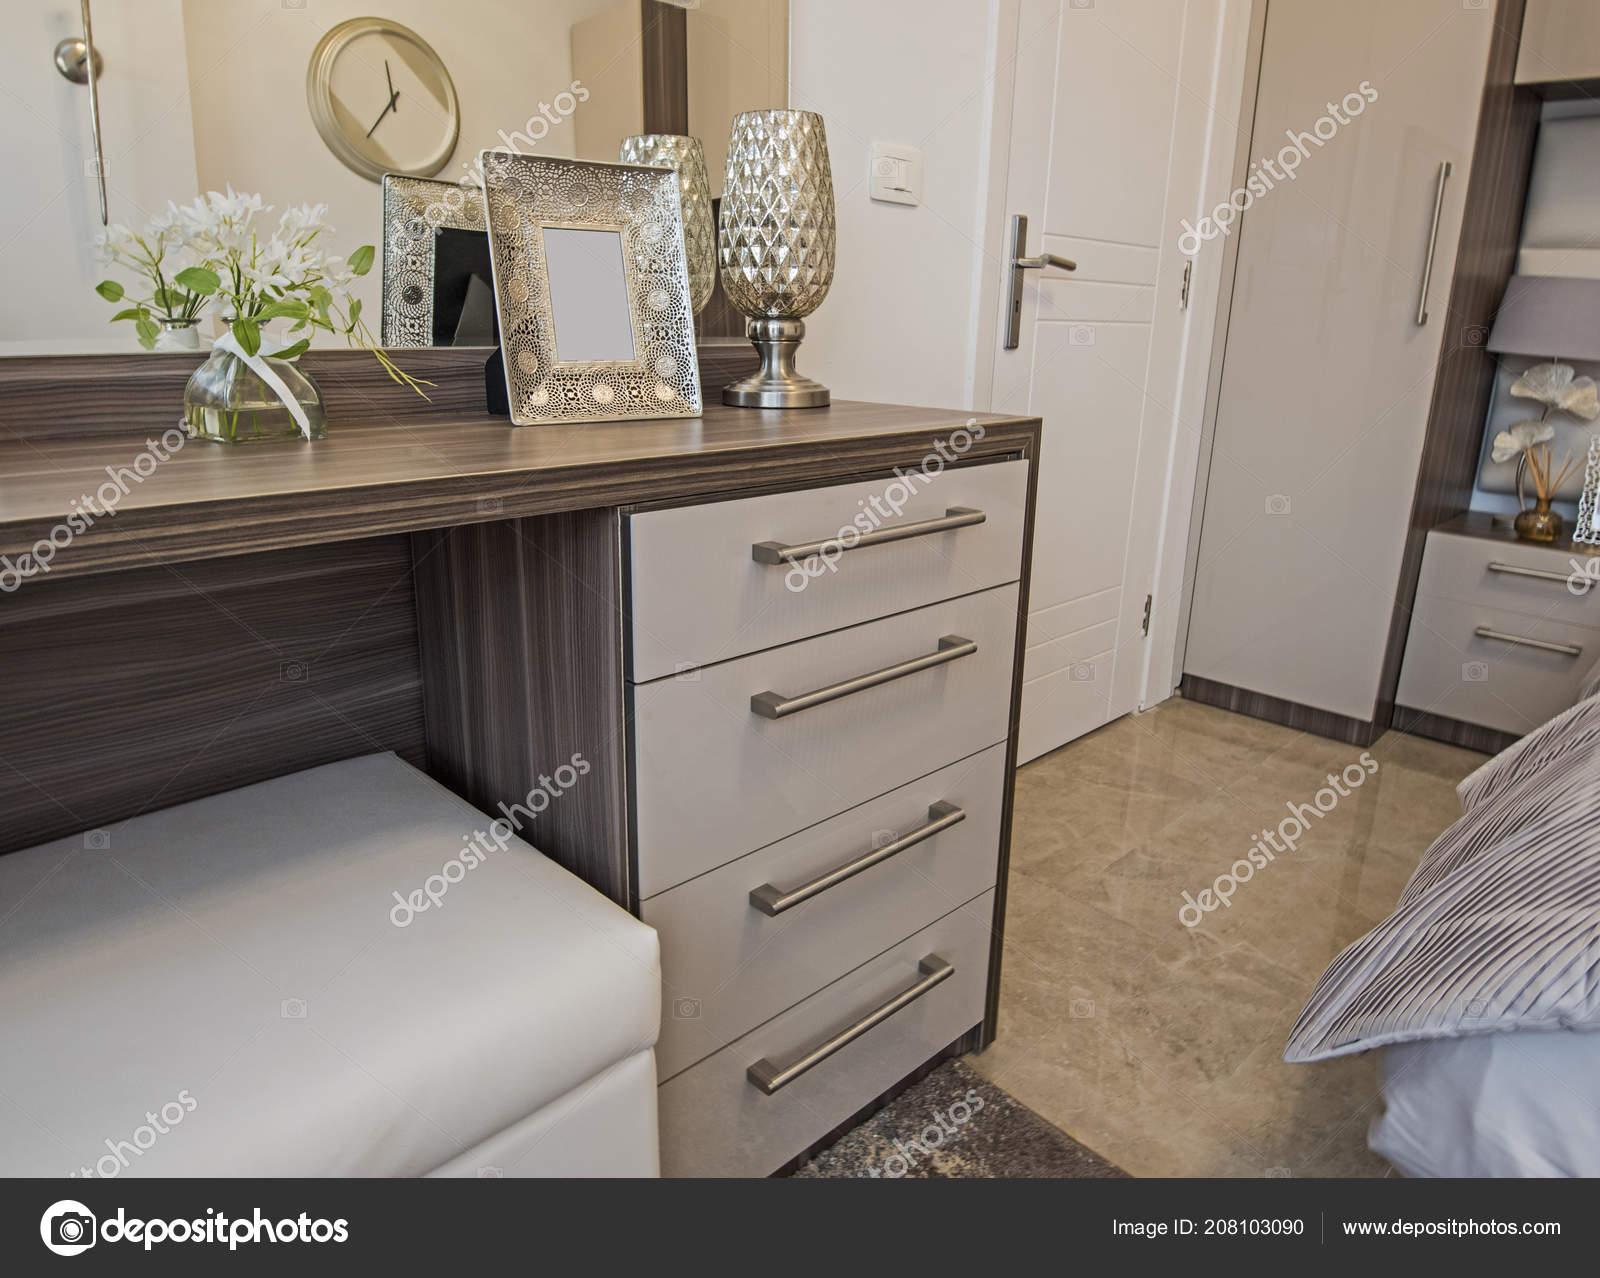 Schlafzimmer Ausstattung   Interior Design Dekor Ausstattung Luxus Zeigen Nach Hause